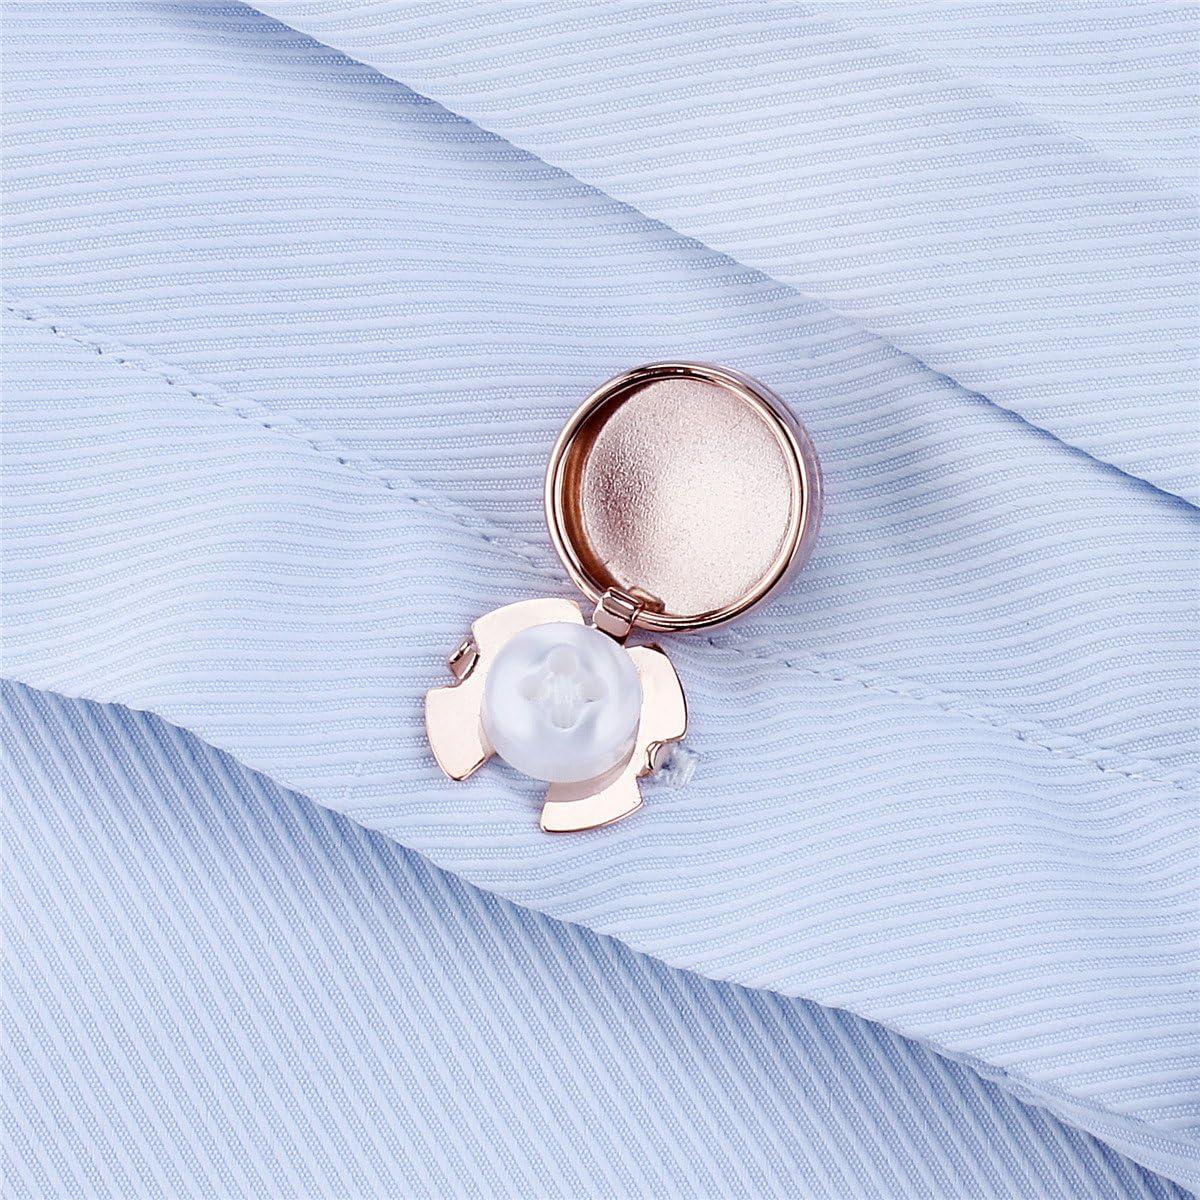 Cubre botones para camisa de HAWSON el mejor regalo para bodas o negocios